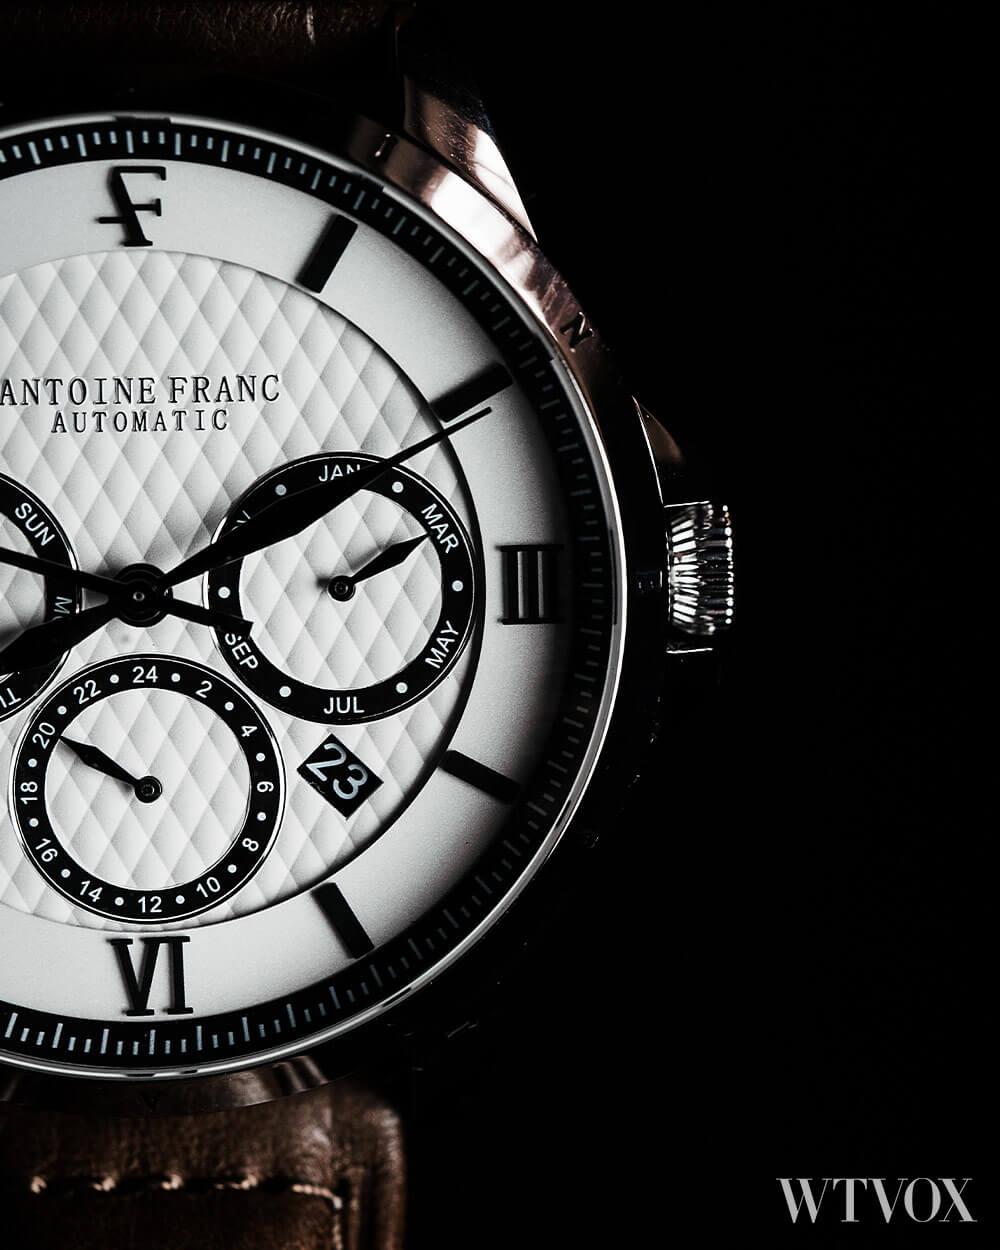 Antoine Franc watch dial